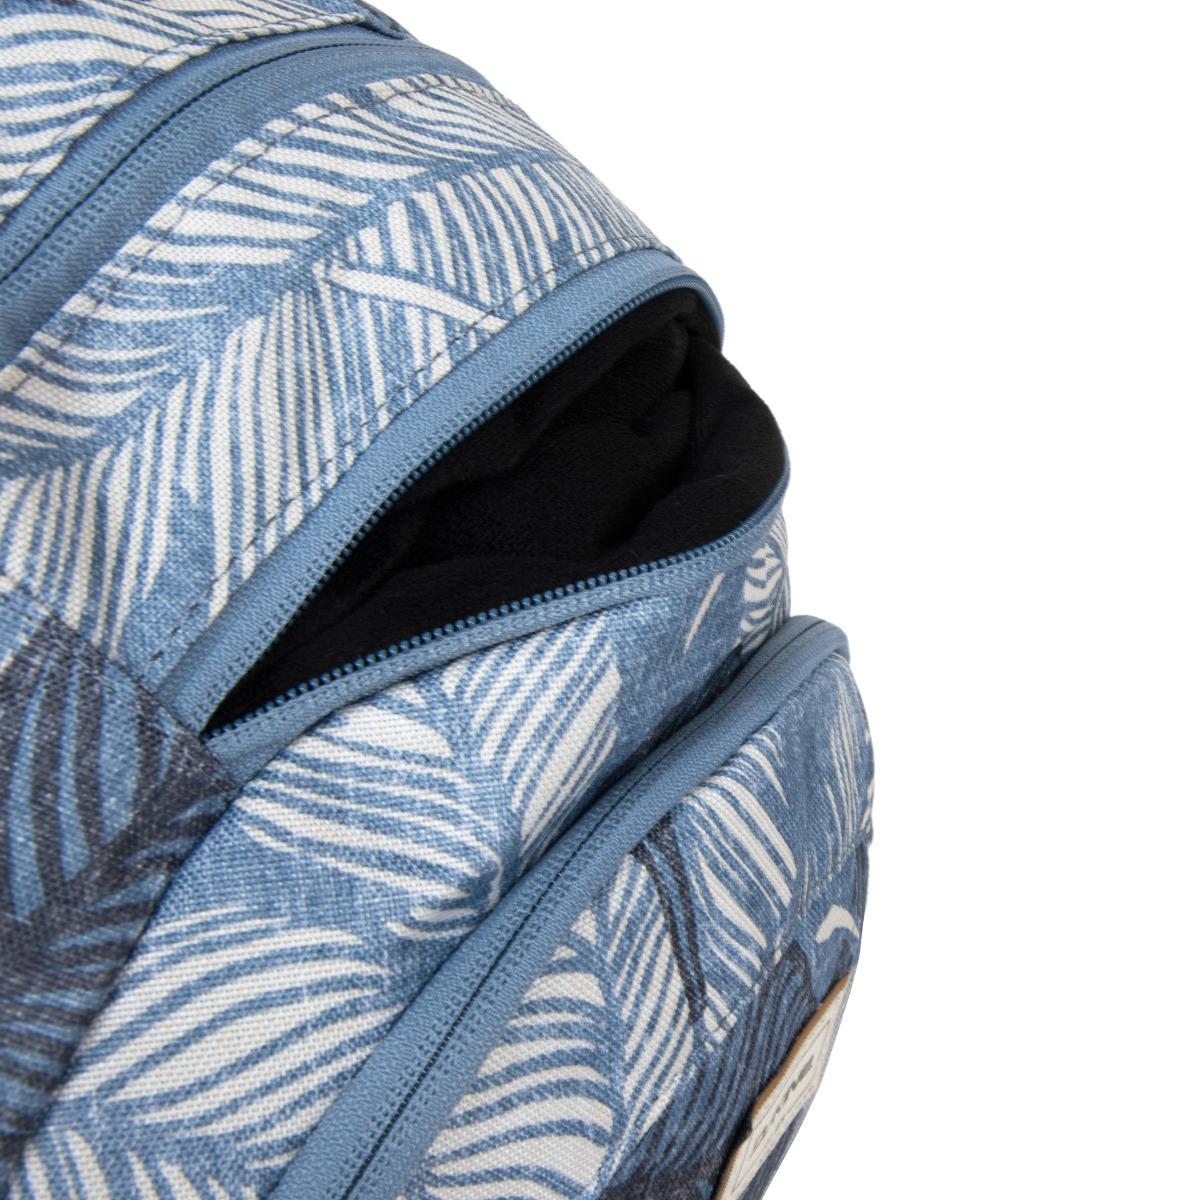 Dakine Garden 20L Breezeway Dakine Garden 20L využijete pri cestách za športom alebo do školy.  - čalúnený oddiel na notebook - malé vrecko na slnečné okuliare vyložené fleecom - bočné sieťované vrecká - organizér v prednom vrecku - čalúnené ramenné popruhy a chrbtový panel